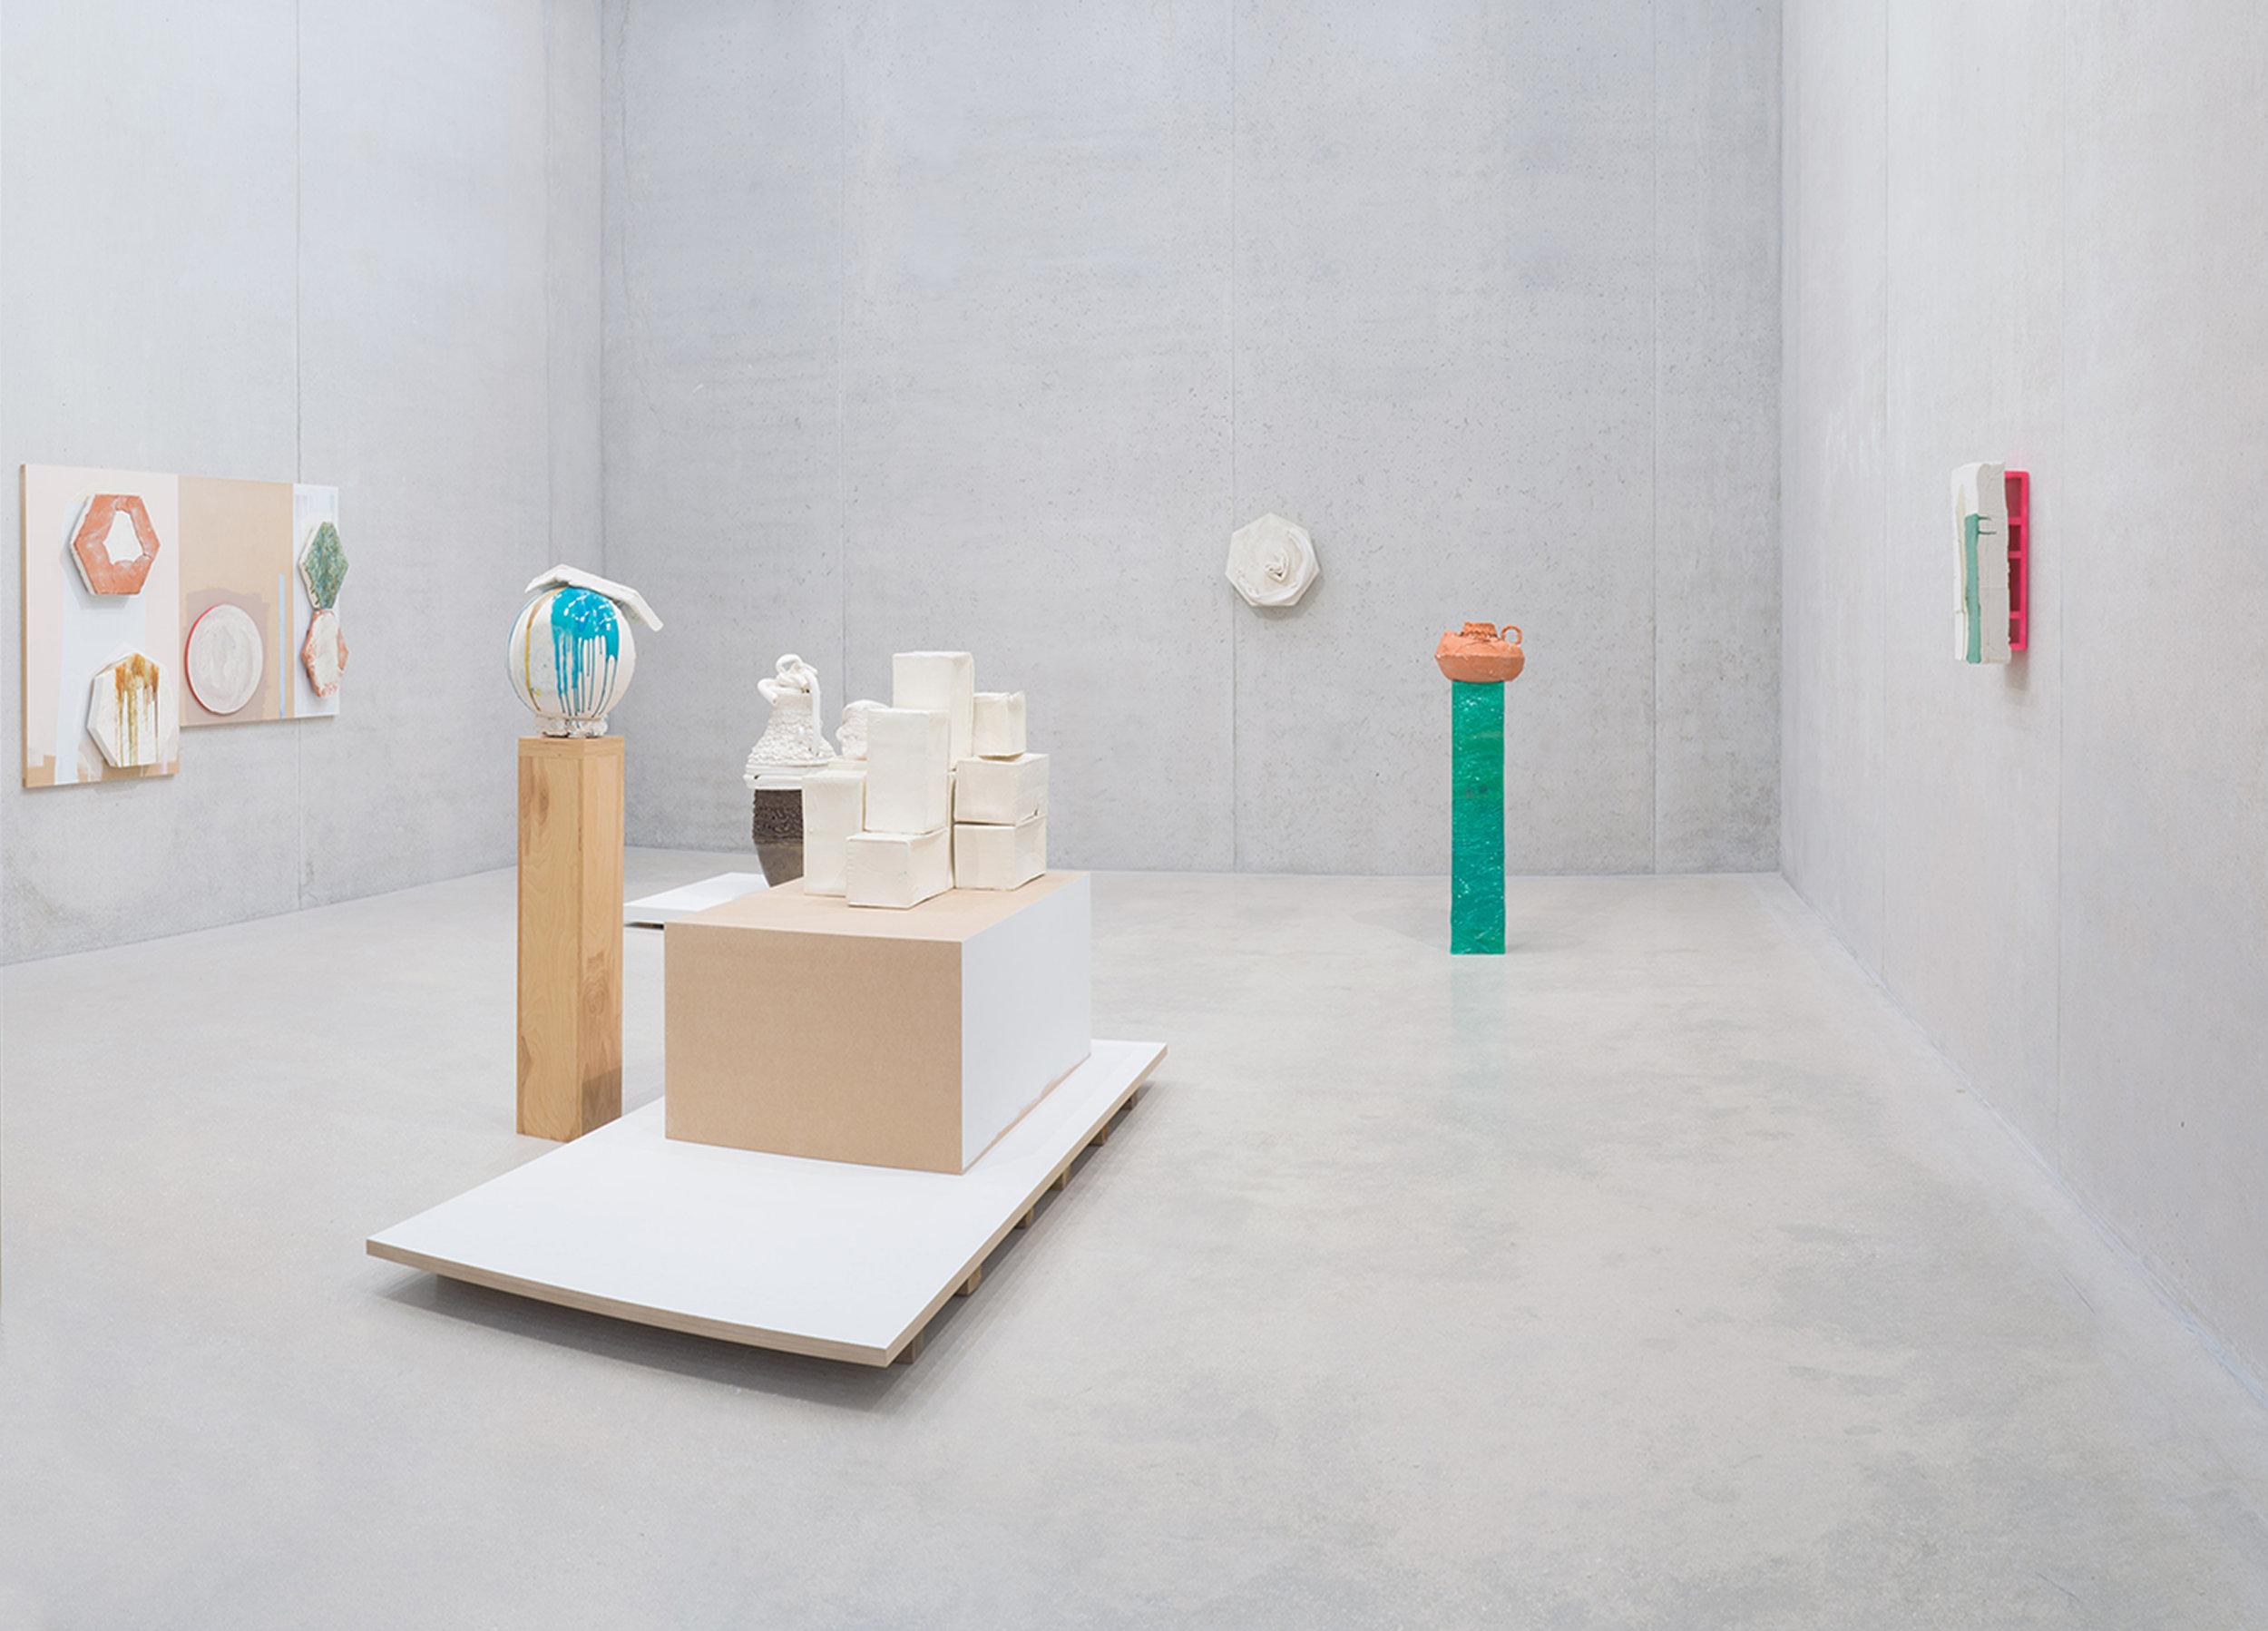 Nicole Cherubini Installation view of  500,  2014 - 2015  Perez Art Museum Miami, Miami, FL, USA